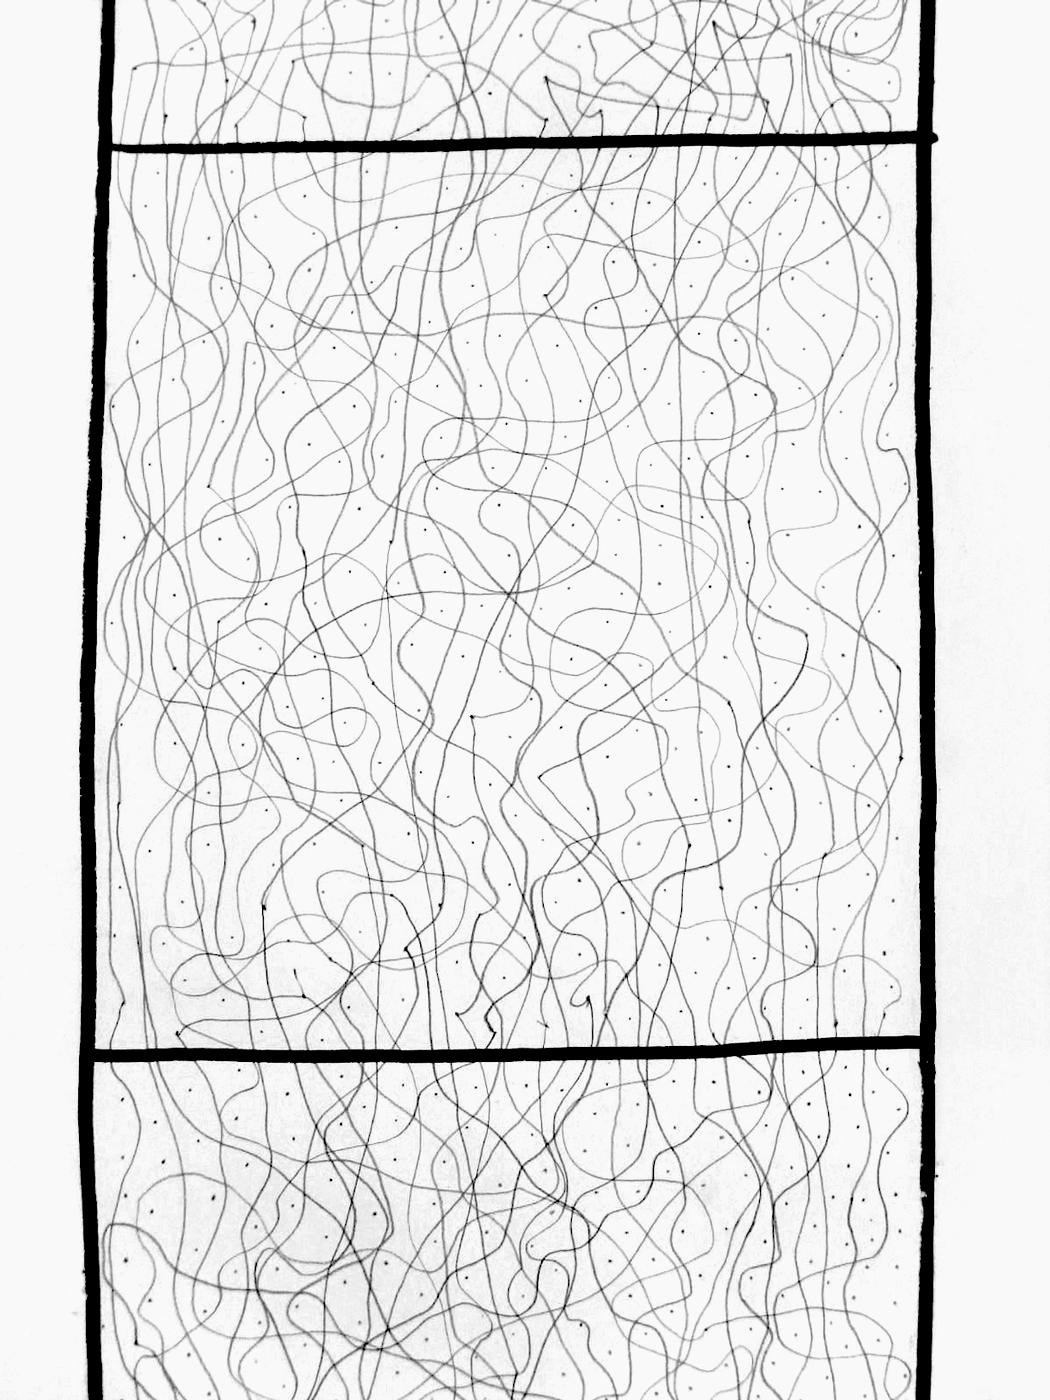 Dessin de recherche, crayon sur papier